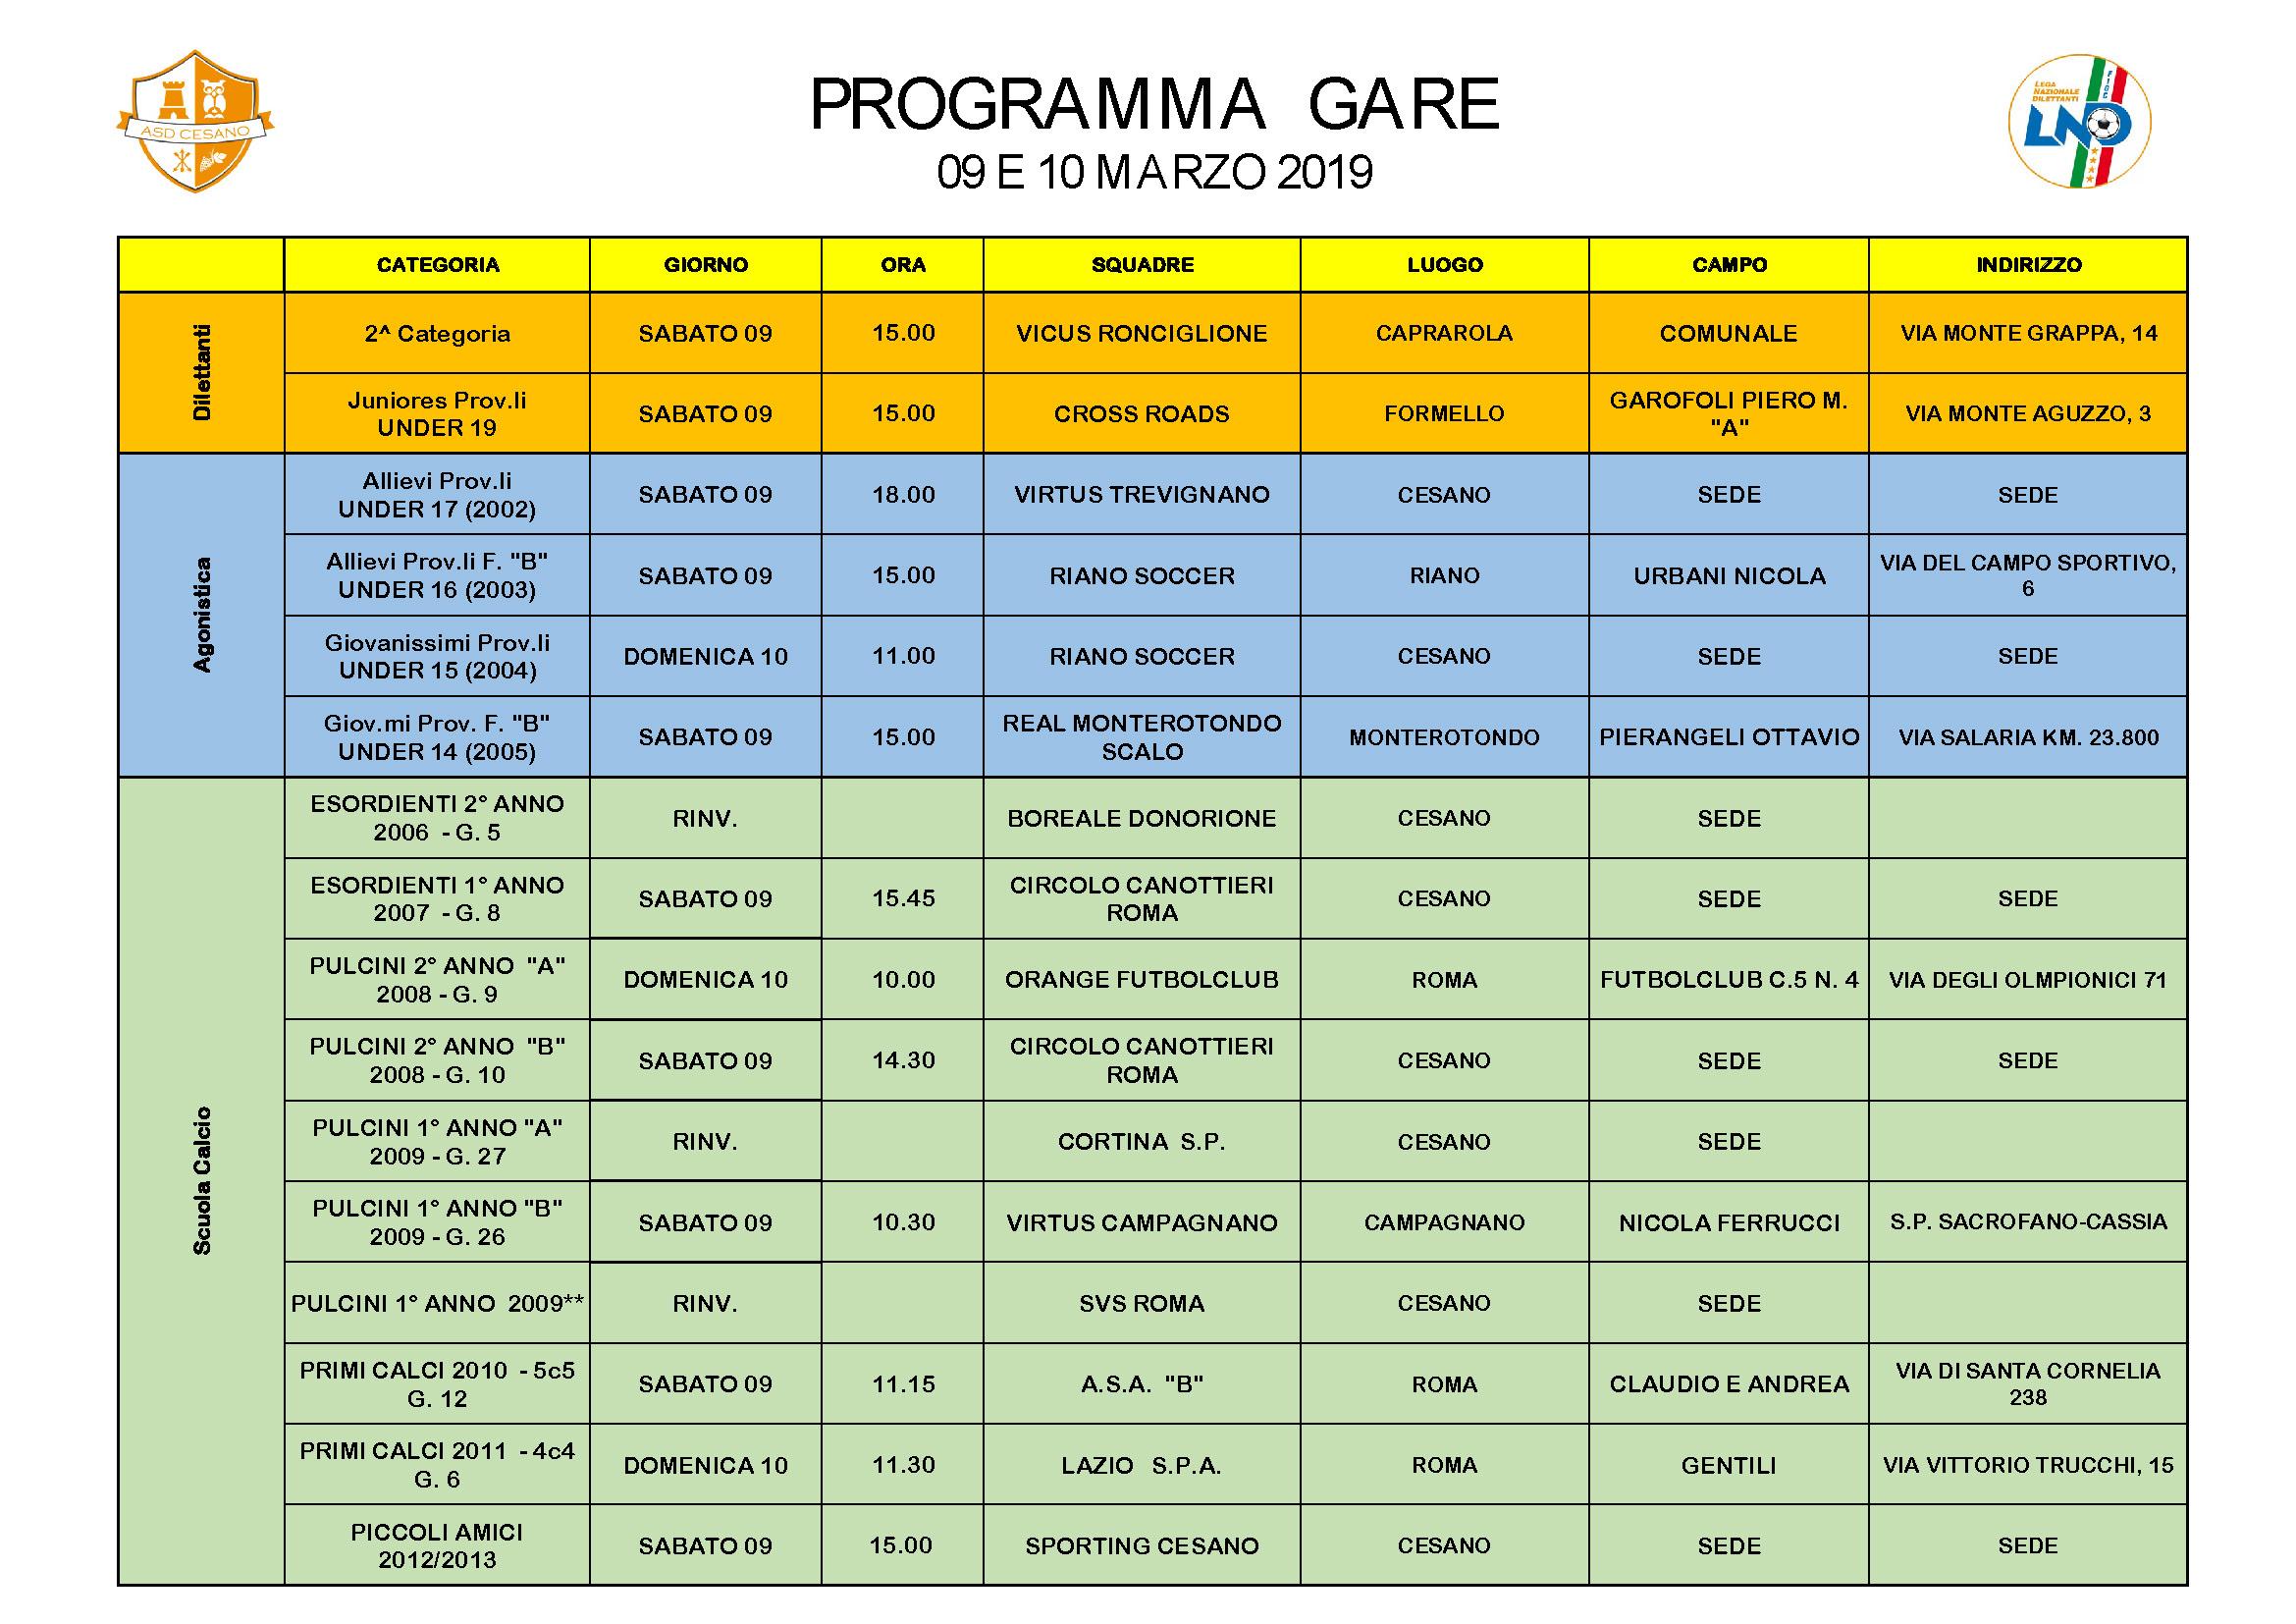 Programma gare 09-03-2019